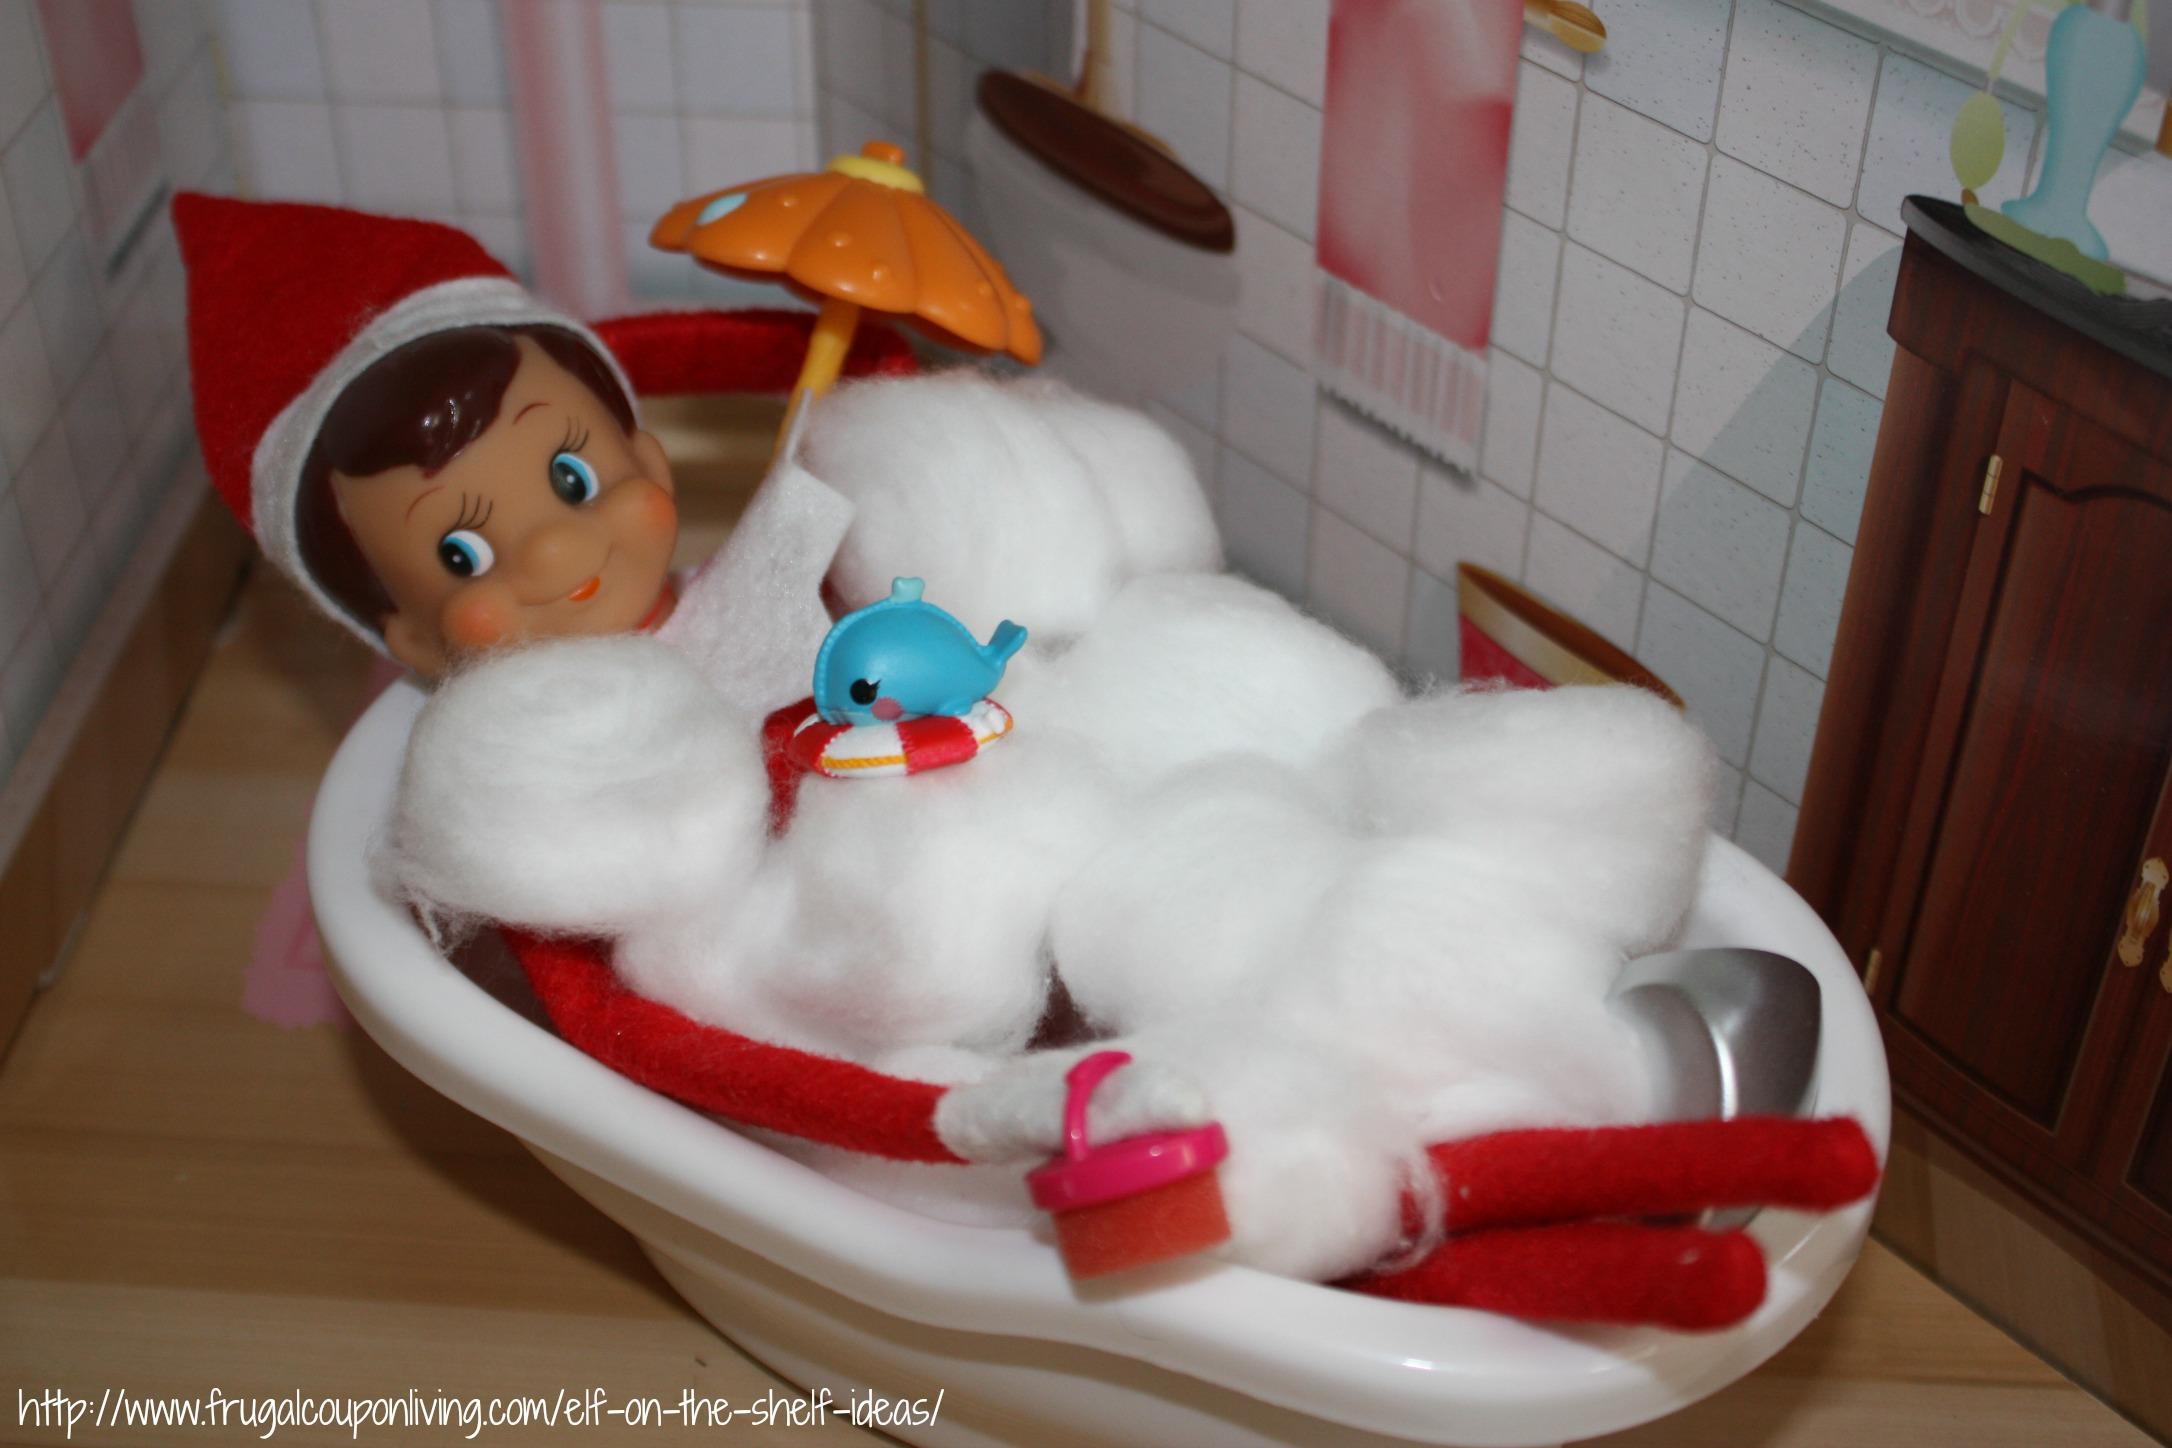 Elf on The Shelf Ideas - Rub-A-Dub-Dub There's an Elf in ...